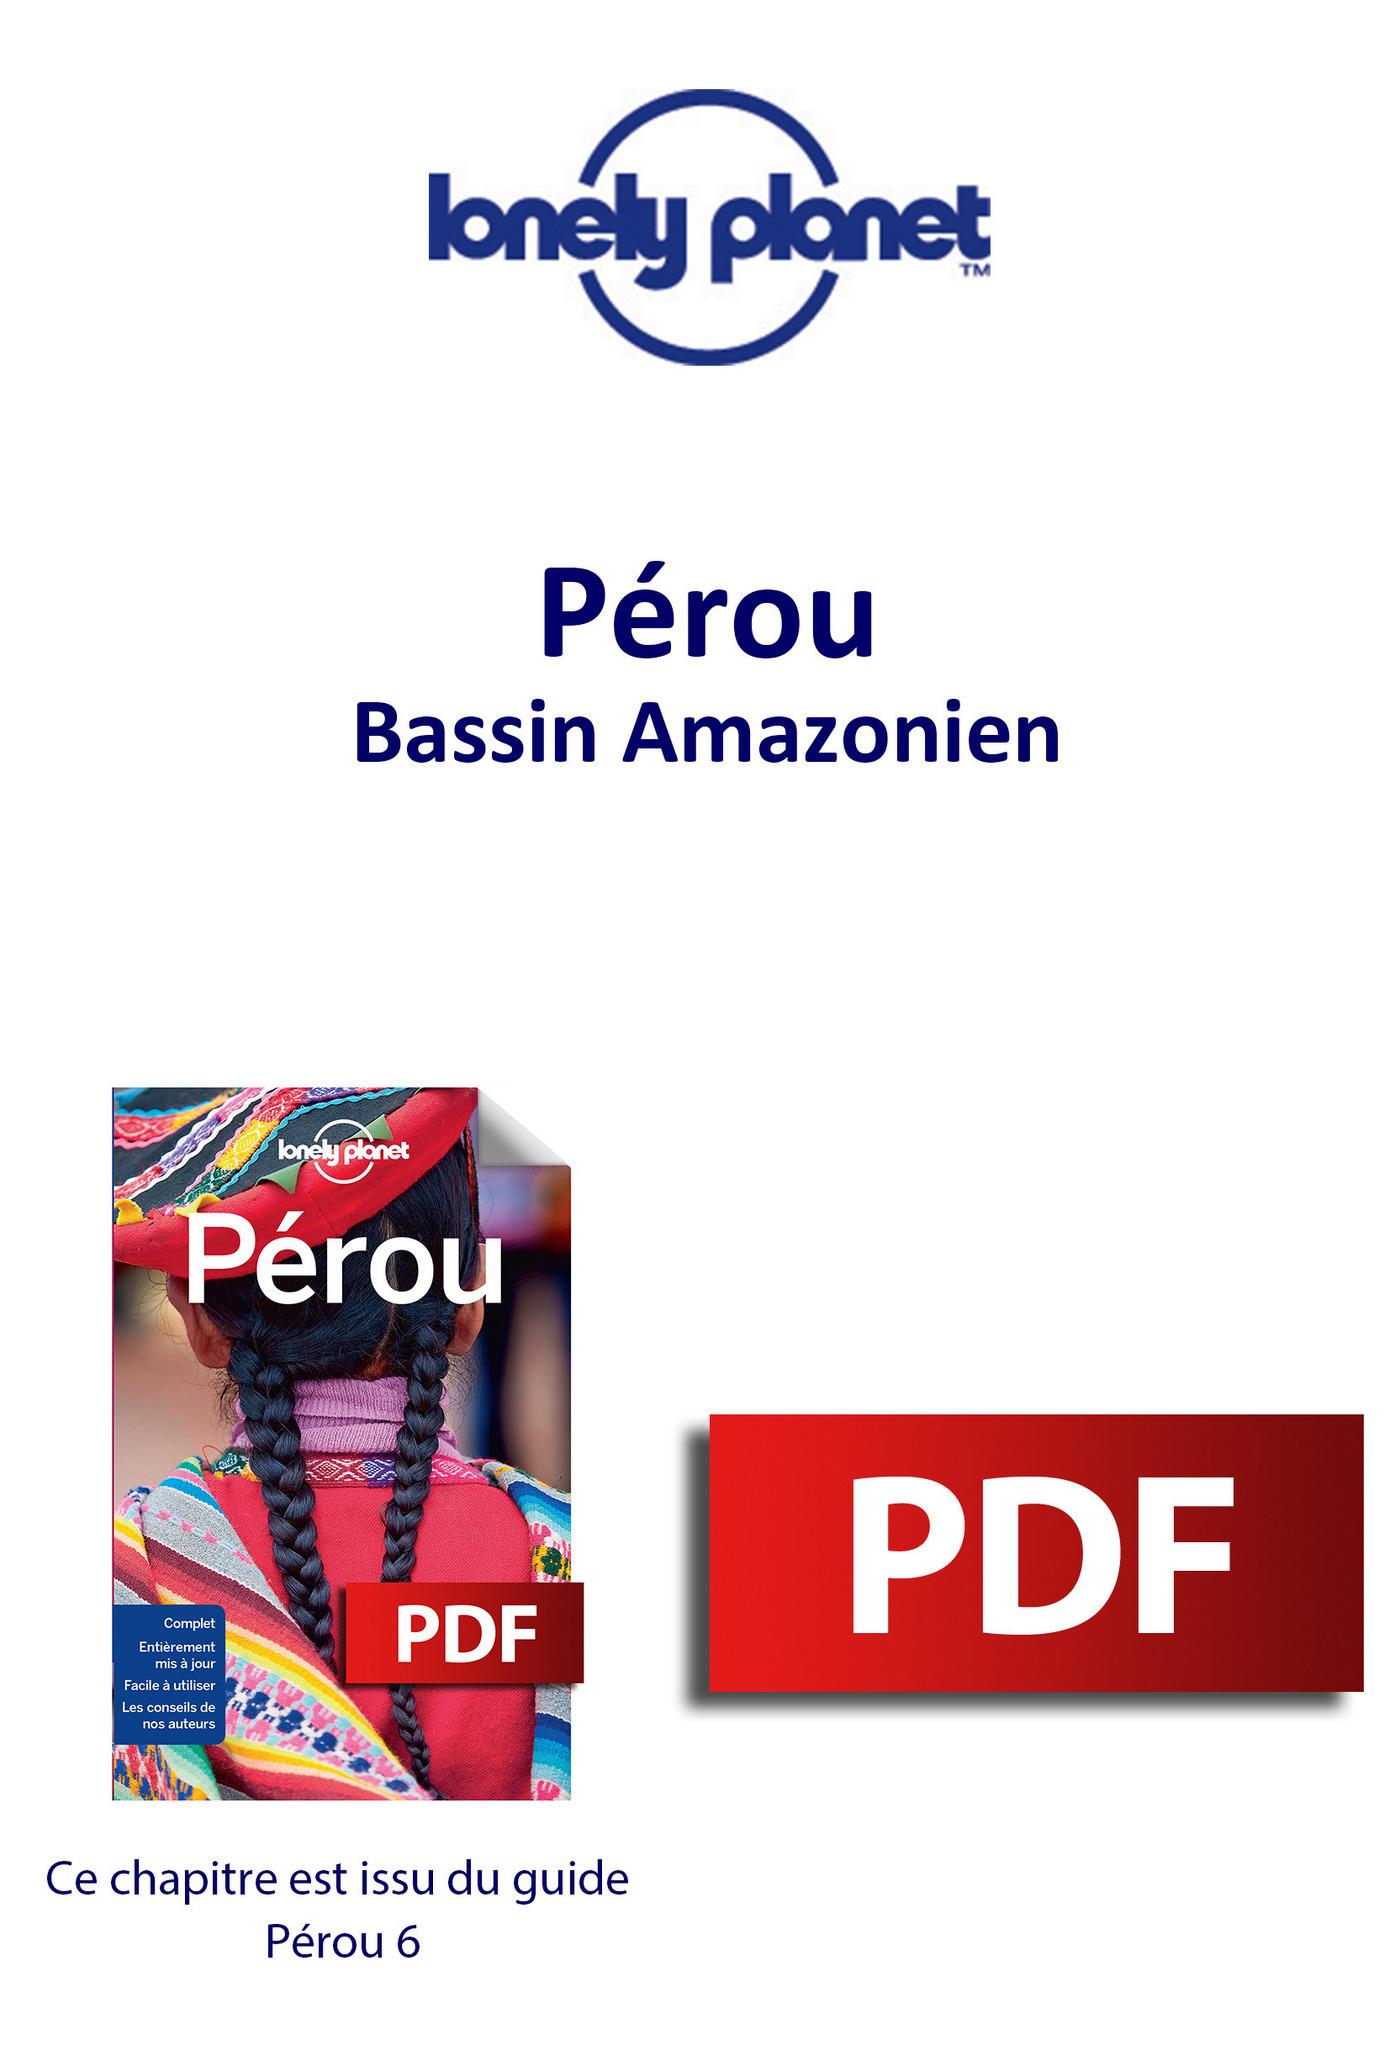 Pérou - Bassin Amazonien